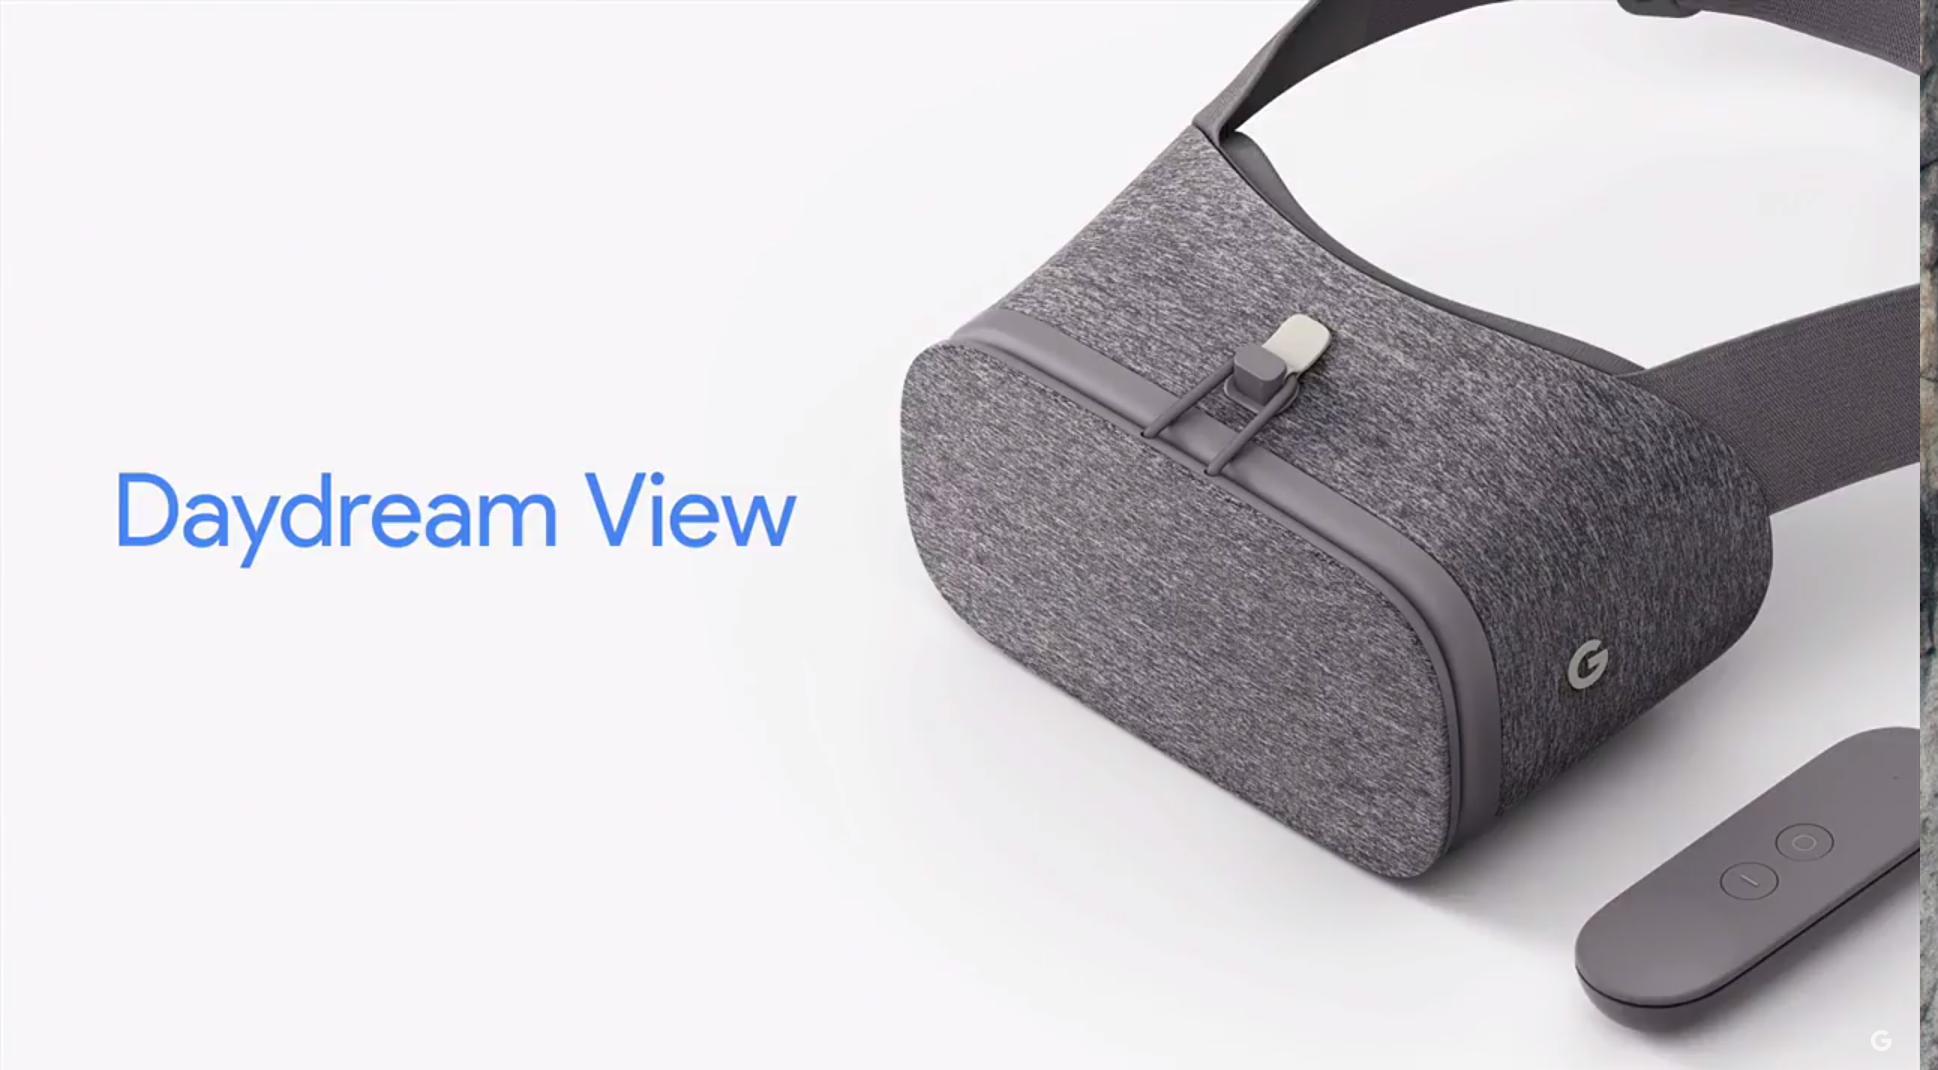 Registrati alla lista d'attesa per Google Daydream View sullo Store